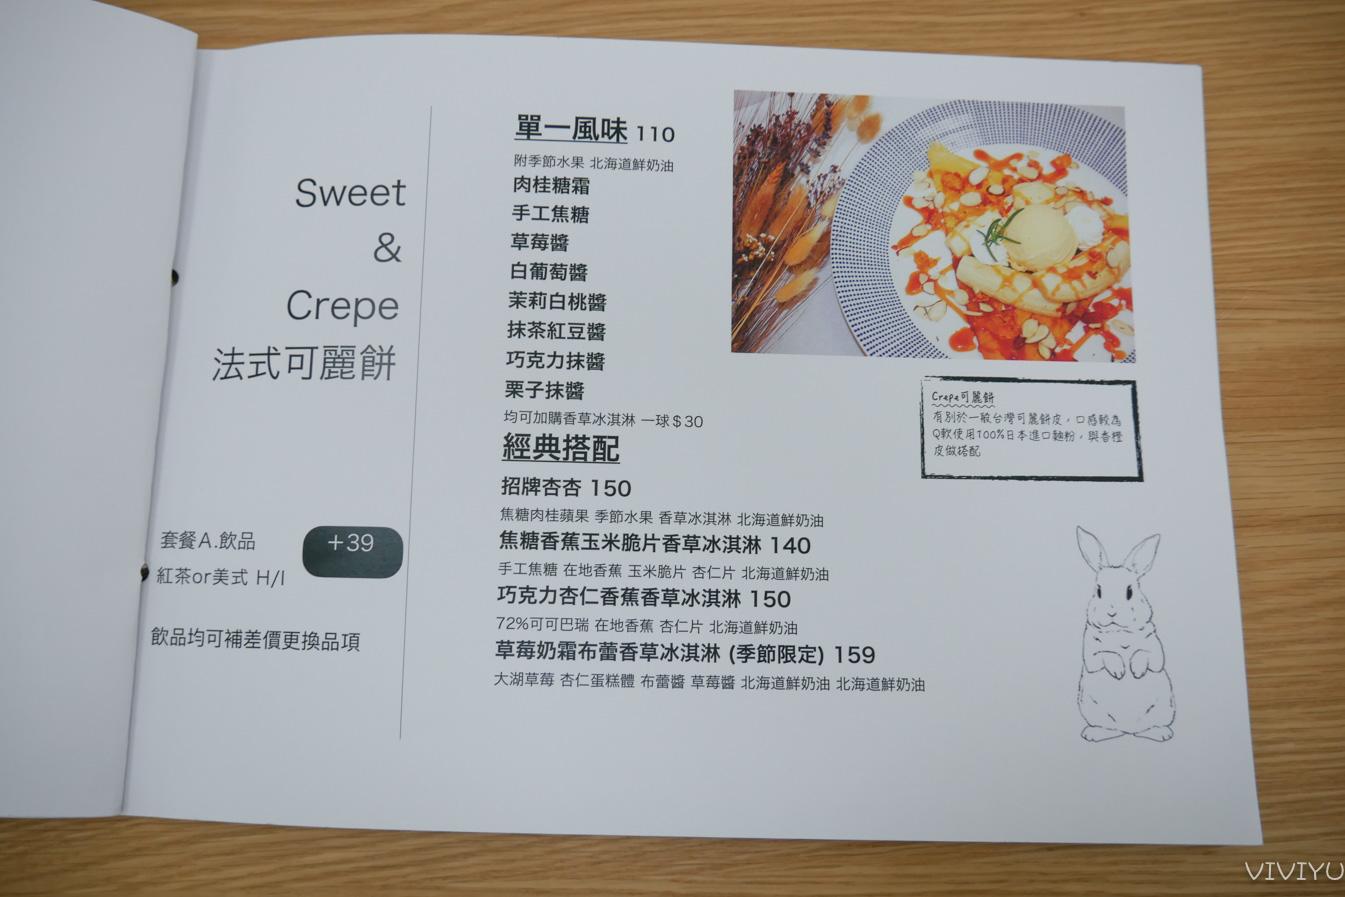 [龜山美食]杏杏shinshin.crepe|林口長庚對面巷弄之中的法式可麗餅專賣店~軟式香甜口感餅皮 @VIVIYU小世界